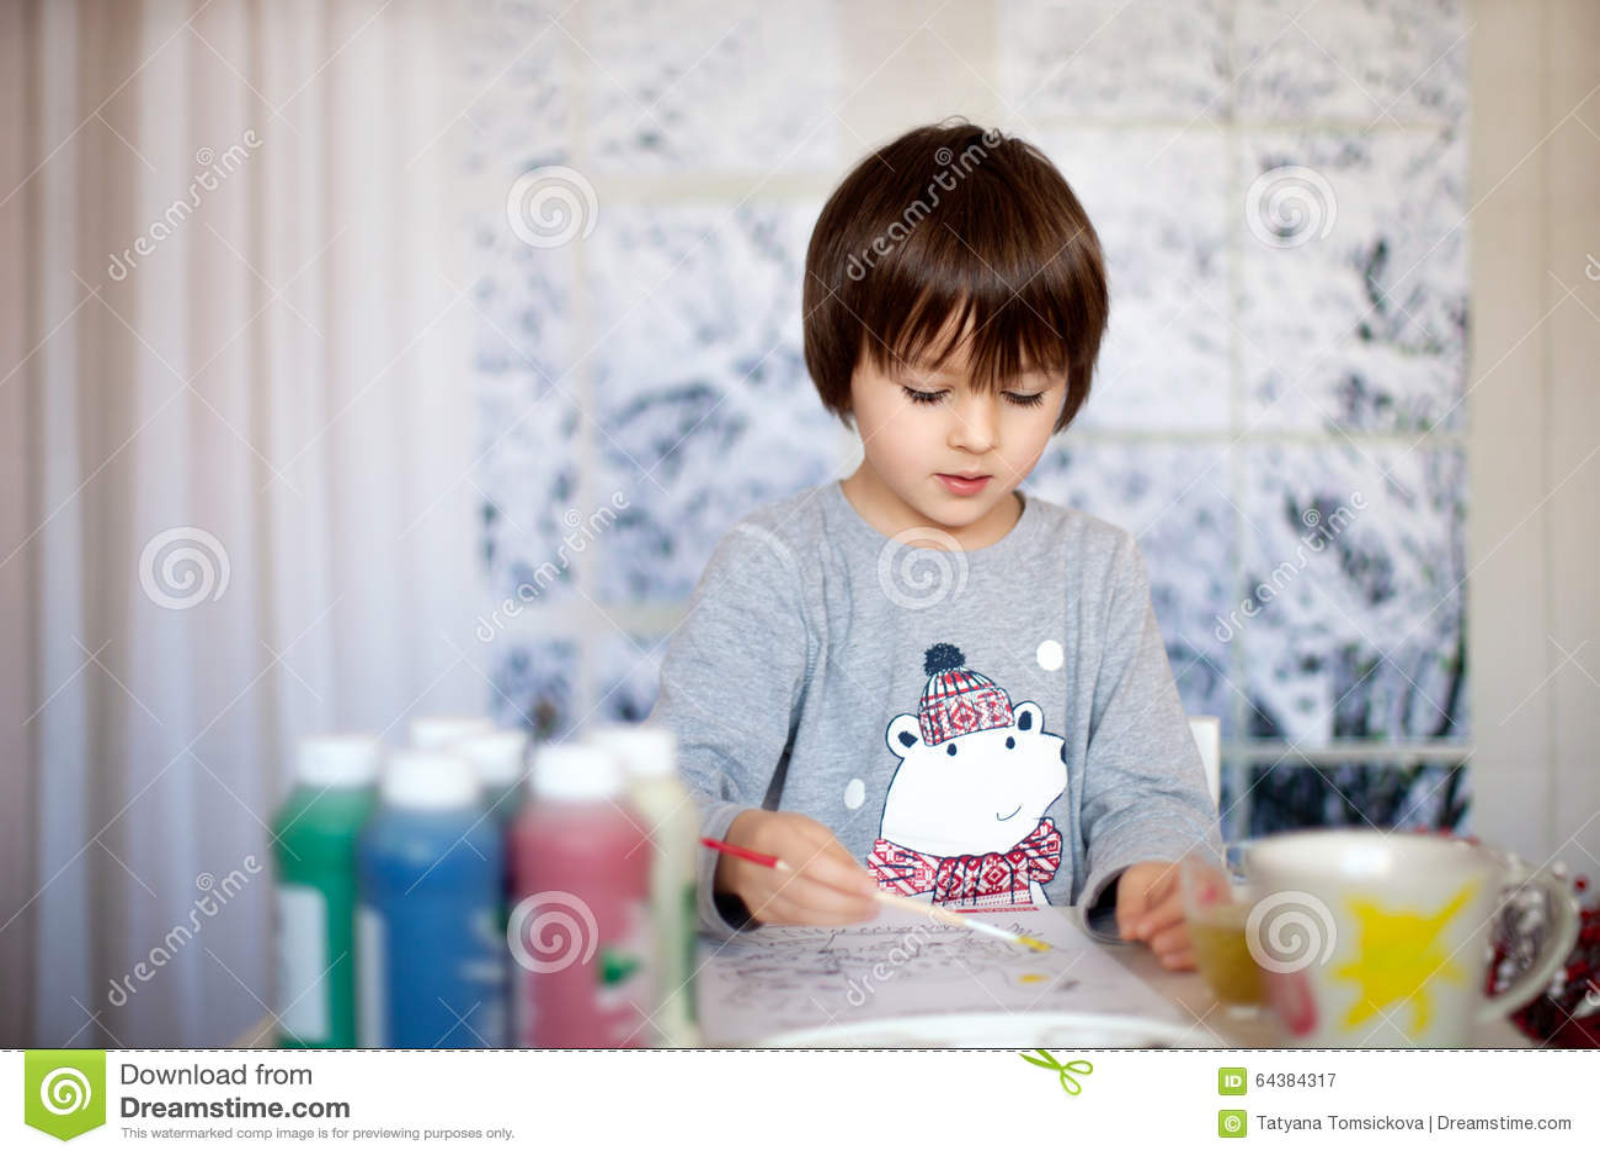 Petit Garcon Prescolaire Mignon Photo De Dessin A La Maison Image